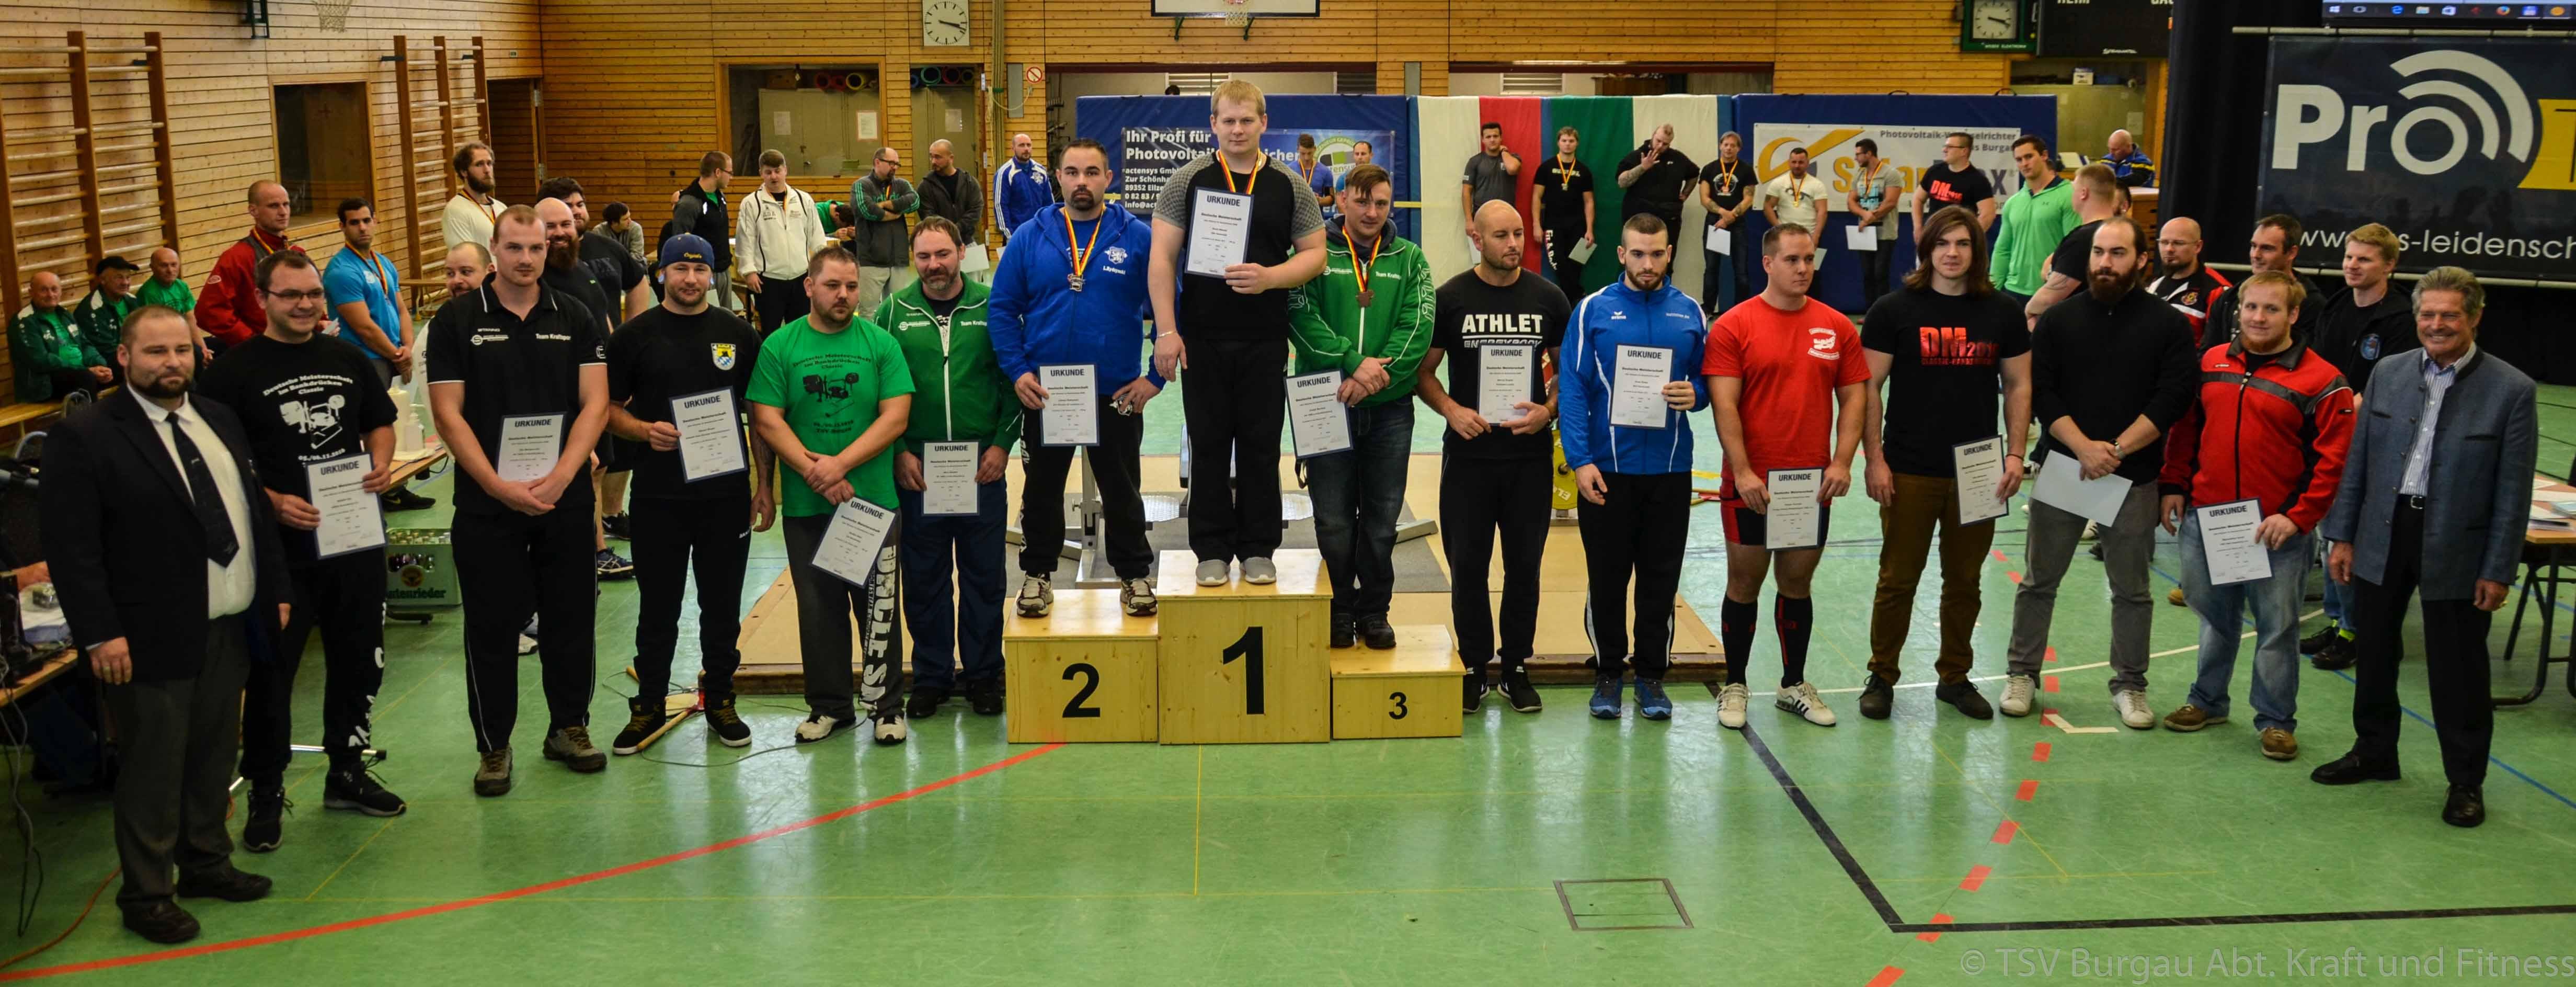 Deutsche Meisterschaft (181 von 187)